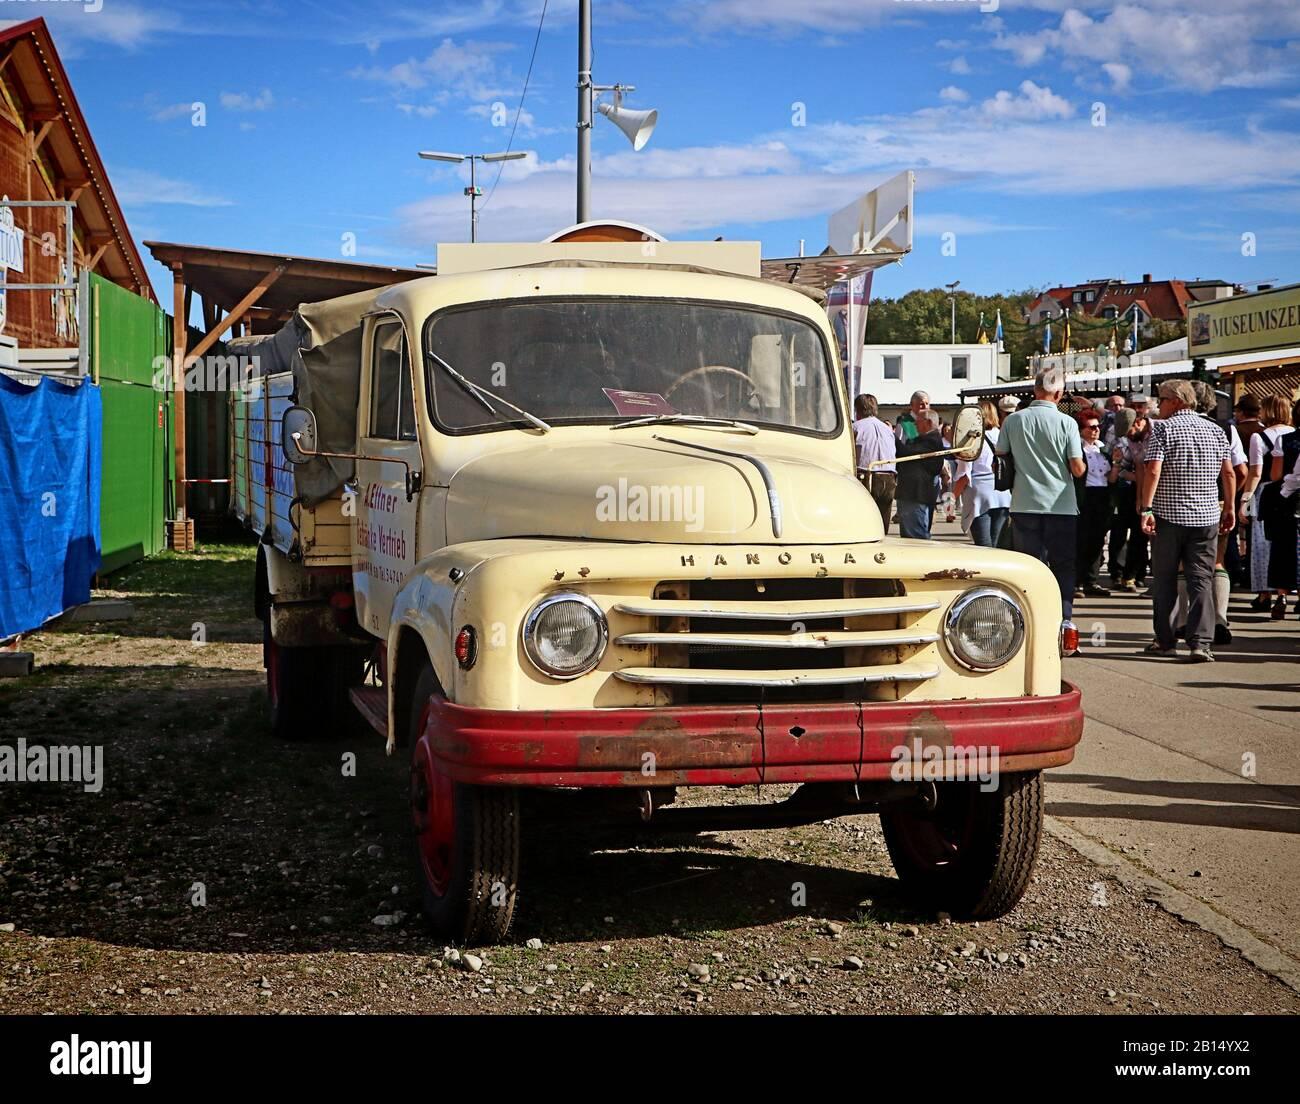 Monaco di Baviera, GERMANIA - 1 OTTOBRE 2019 veicolo industriale vintage Hanomag in mostra nella parte storica dell'Oide Wiesn dell'Oktoberfest di Monaco, una famiglia e un bambino- Foto Stock